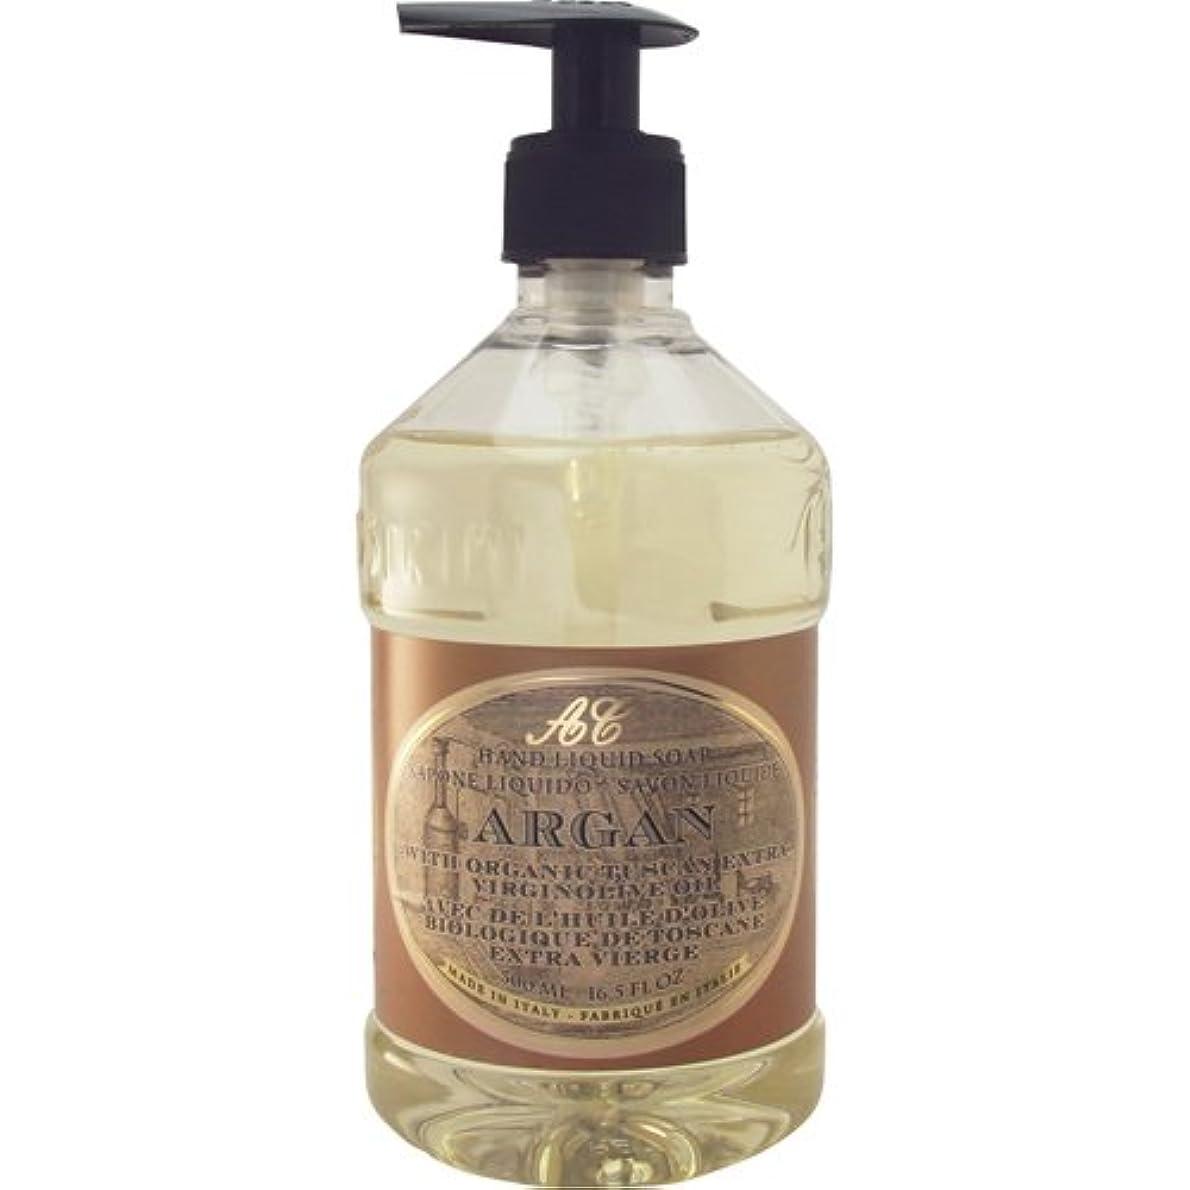 習字小間うなるSaponerire Fissi レトロシリーズ Liquid Soap リキッドソープ 500ml Argan アルガンオイル